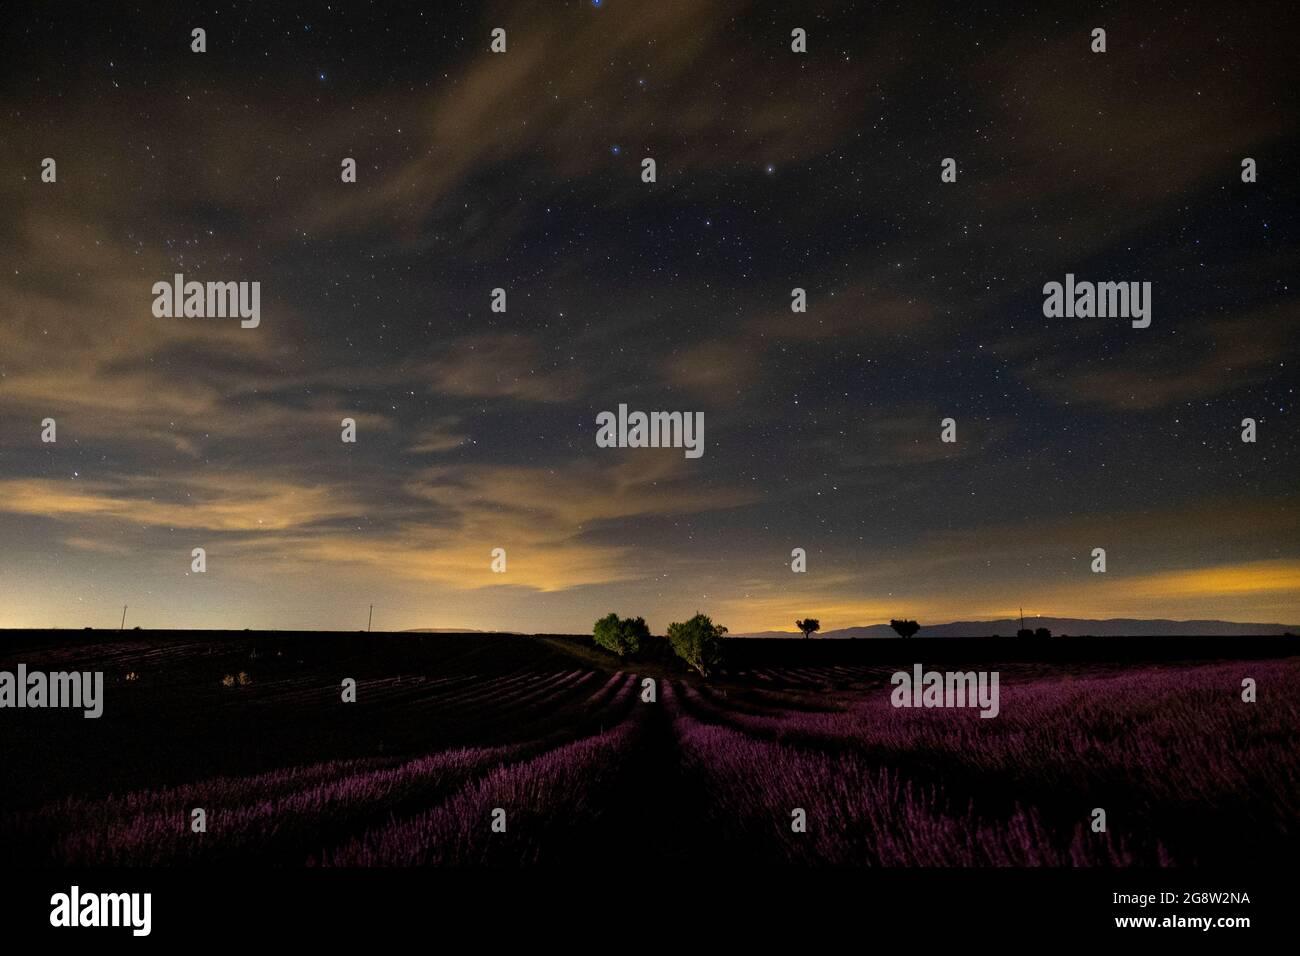 Nachtbild von Lavendelfeld in frankreich, provence valensole - wunderschöne Aussicht auf violette Blumen und Sterne am Himmel - Parfümduft Produktion p Stockfoto